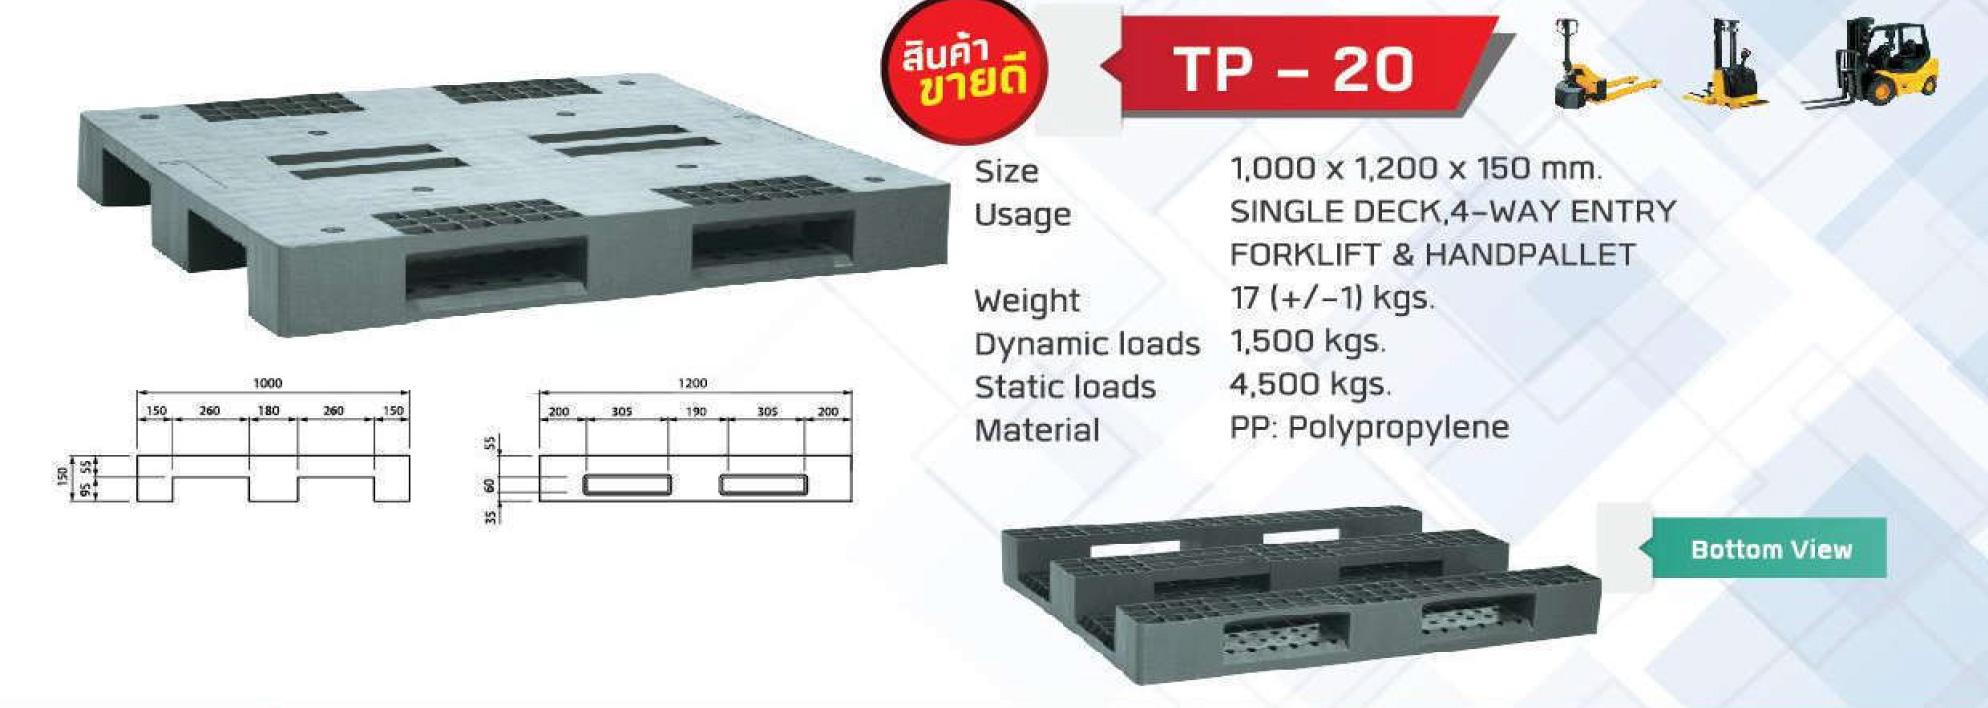 Light-Weight-pallet-TP-20